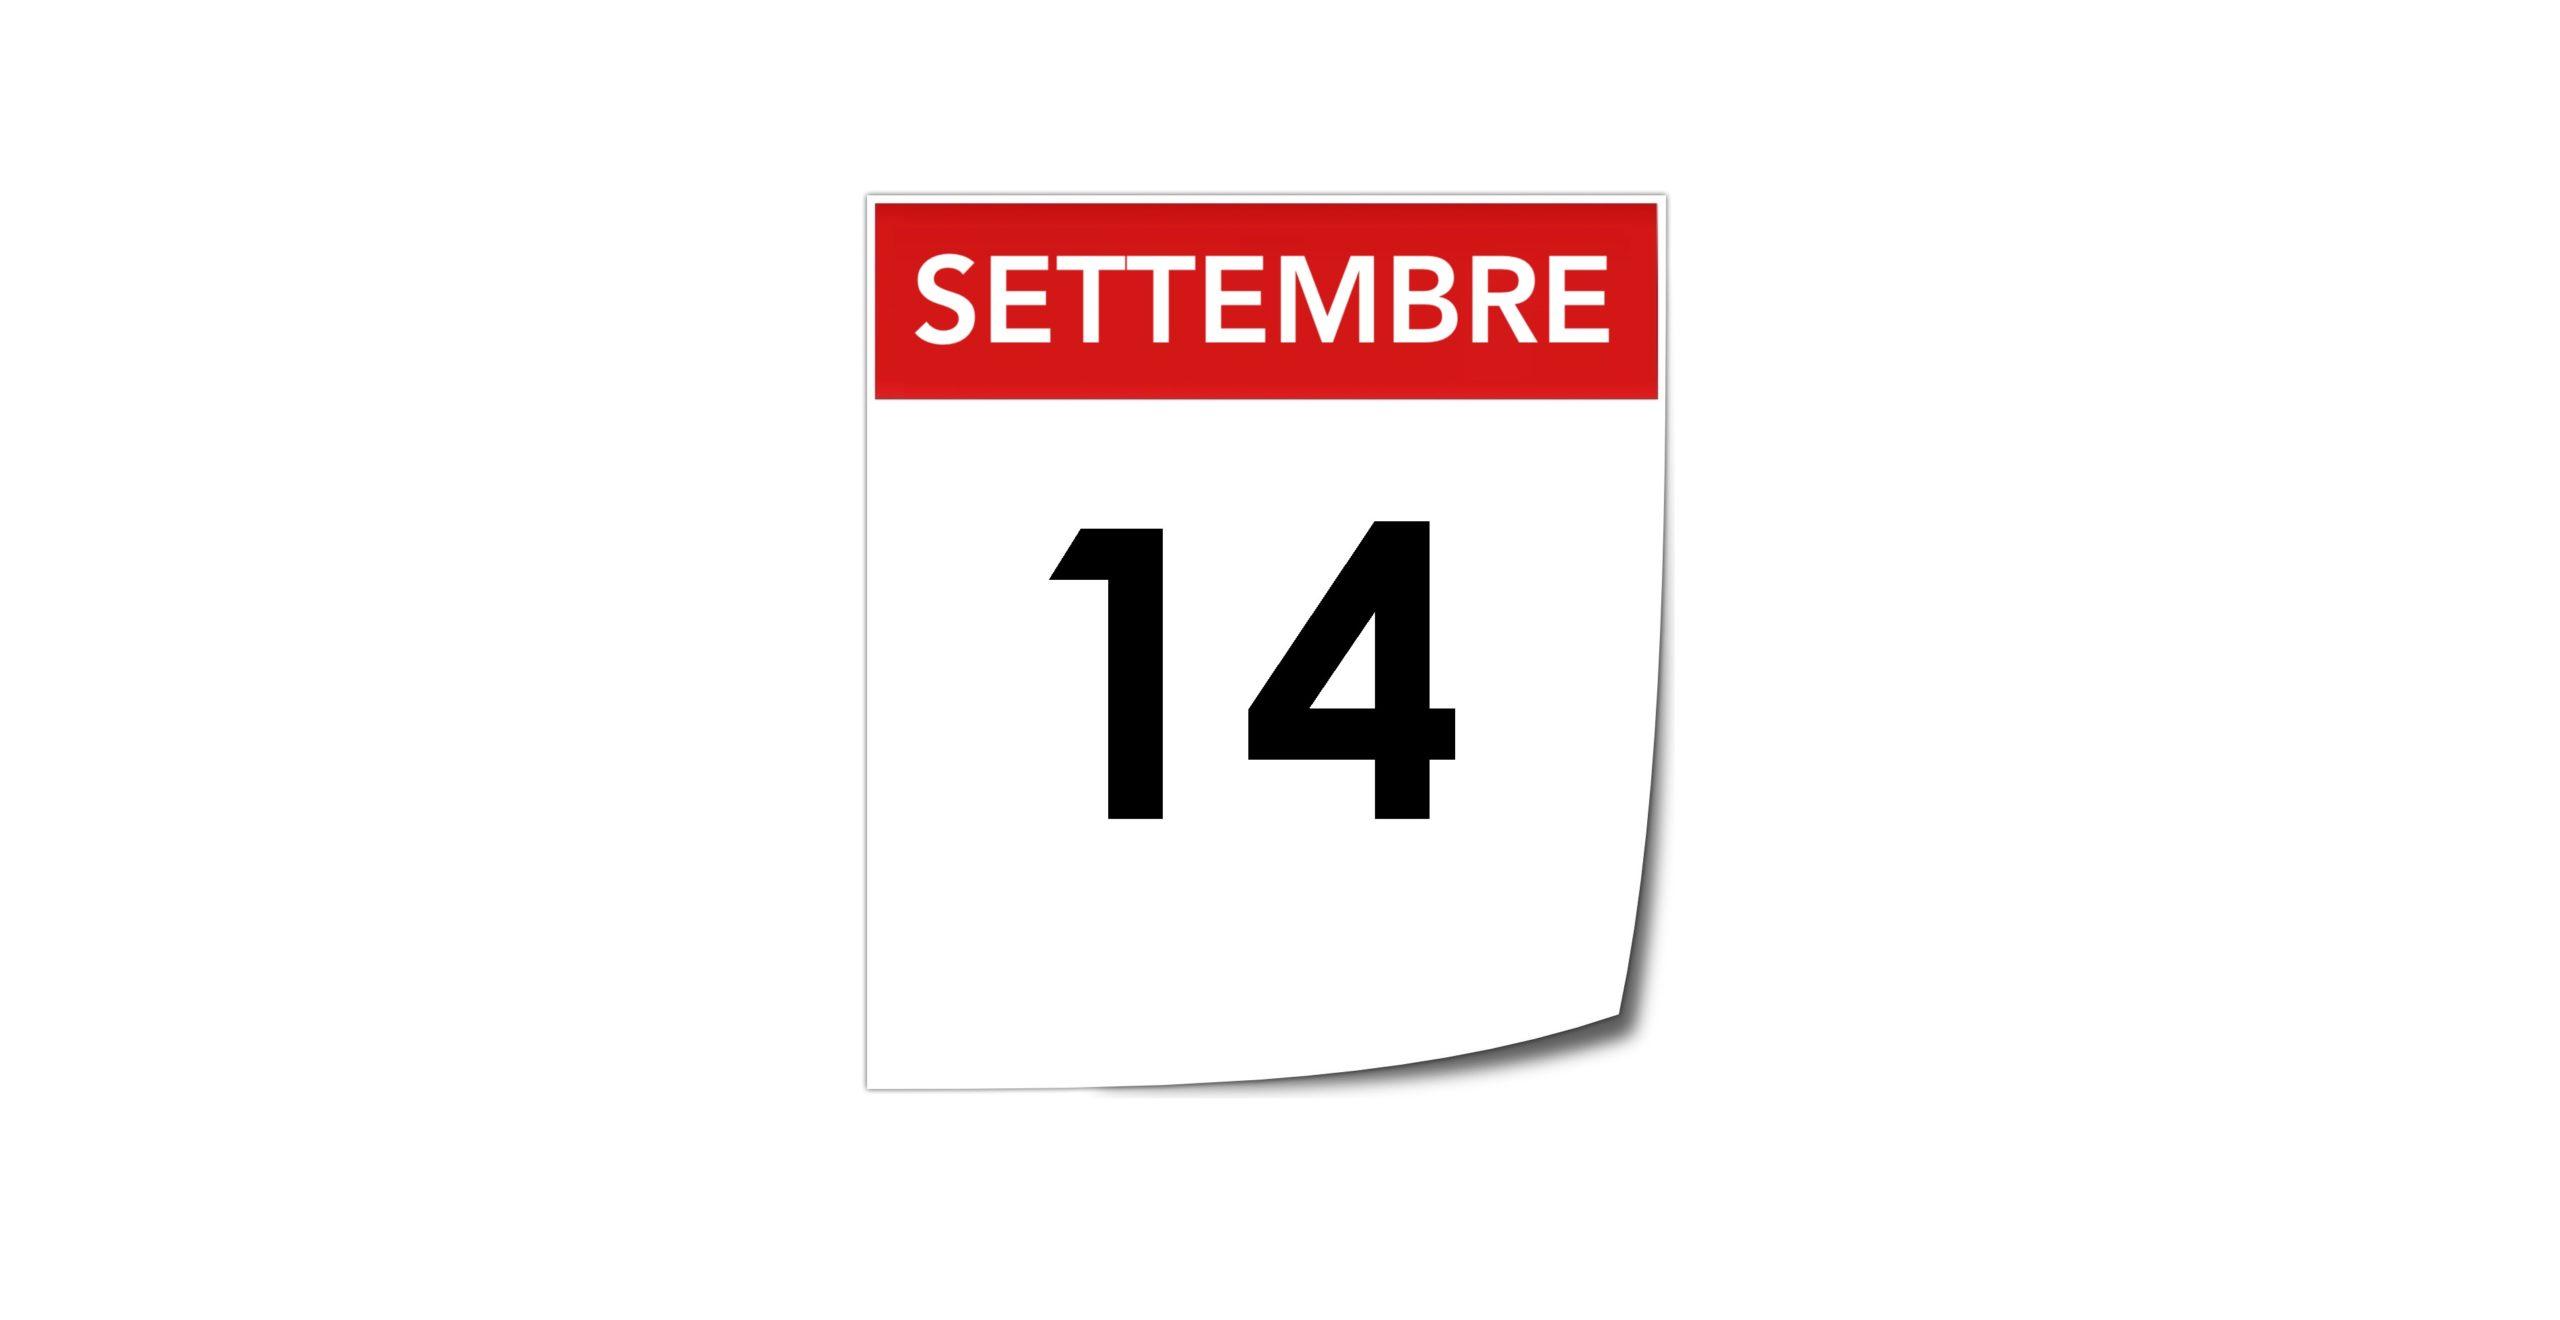 Azzolina firma l'ordinanza: lezioni al via il 14 settembre - Gilda Venezia